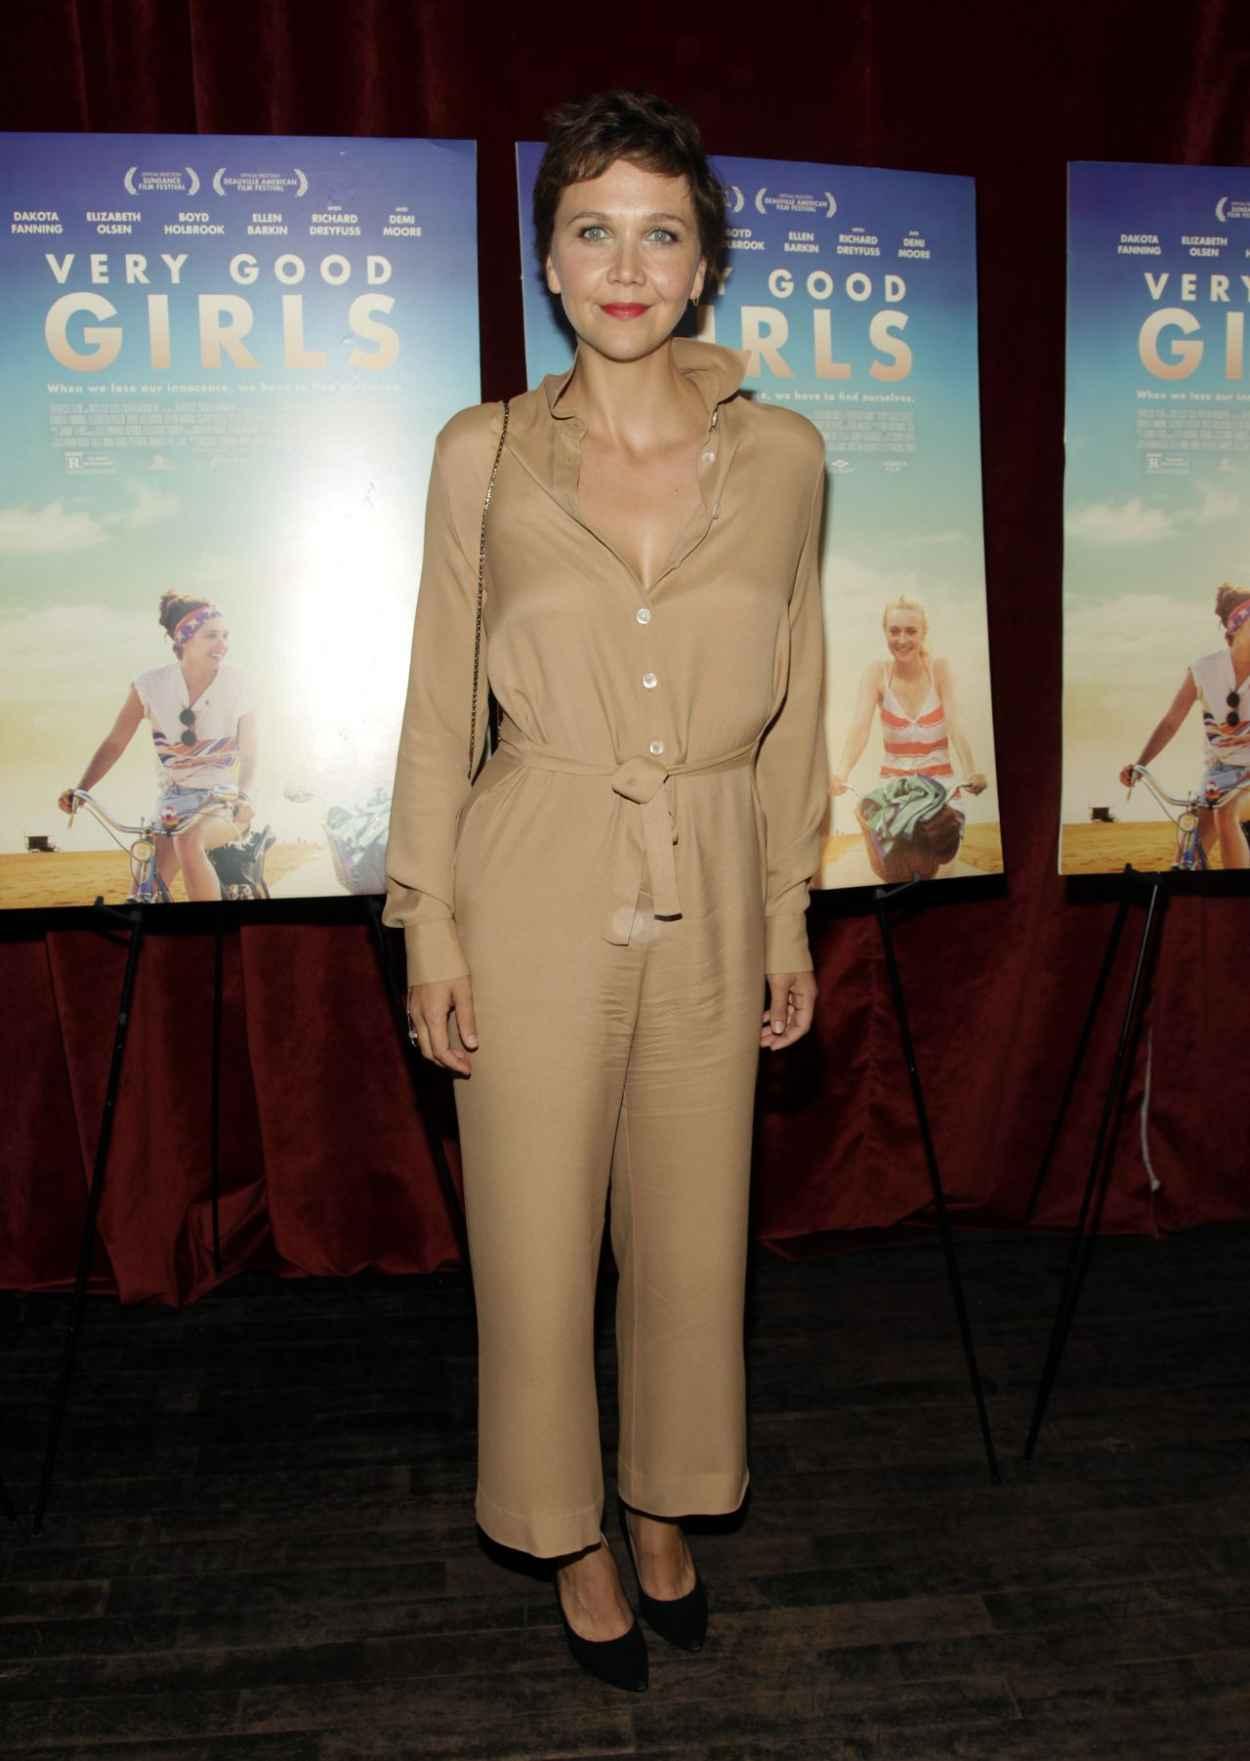 Maggie Gyllenhaal – celebsla.com